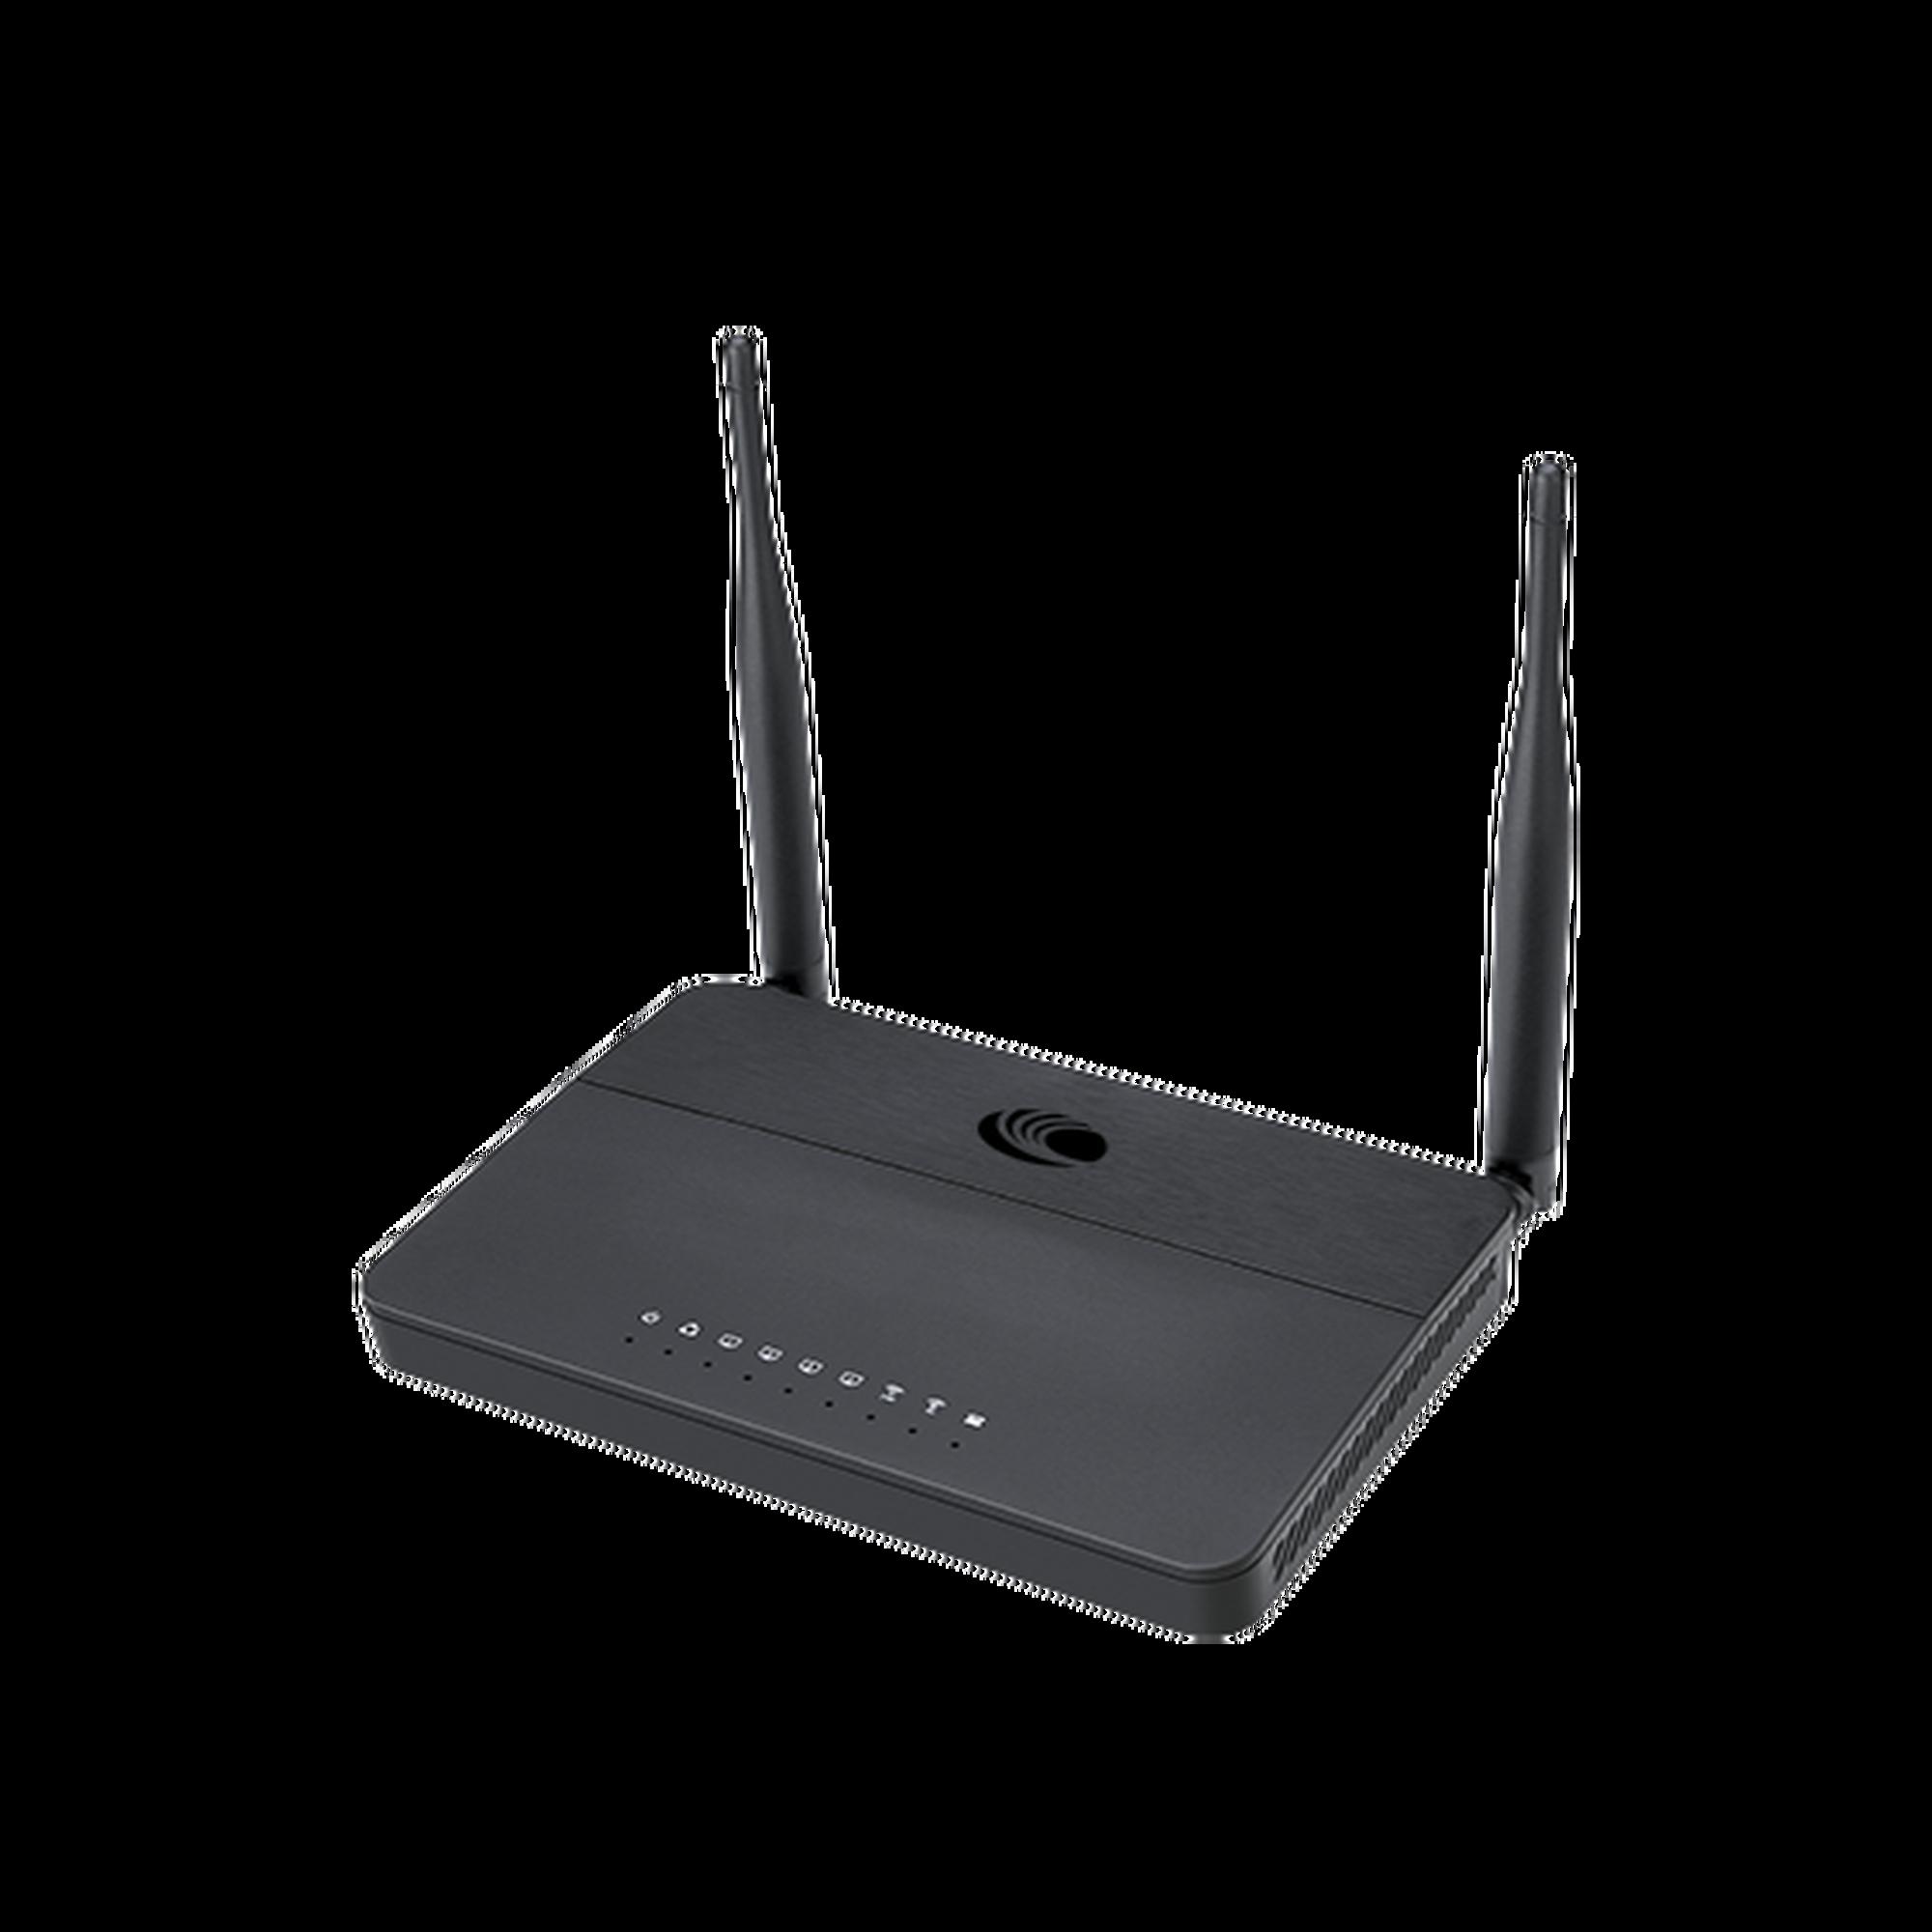 Router residencial cnPilot r195W administración en la nube, 5 puertos Gigabit, doble banda, ideal para incrementar experiencia en streaming